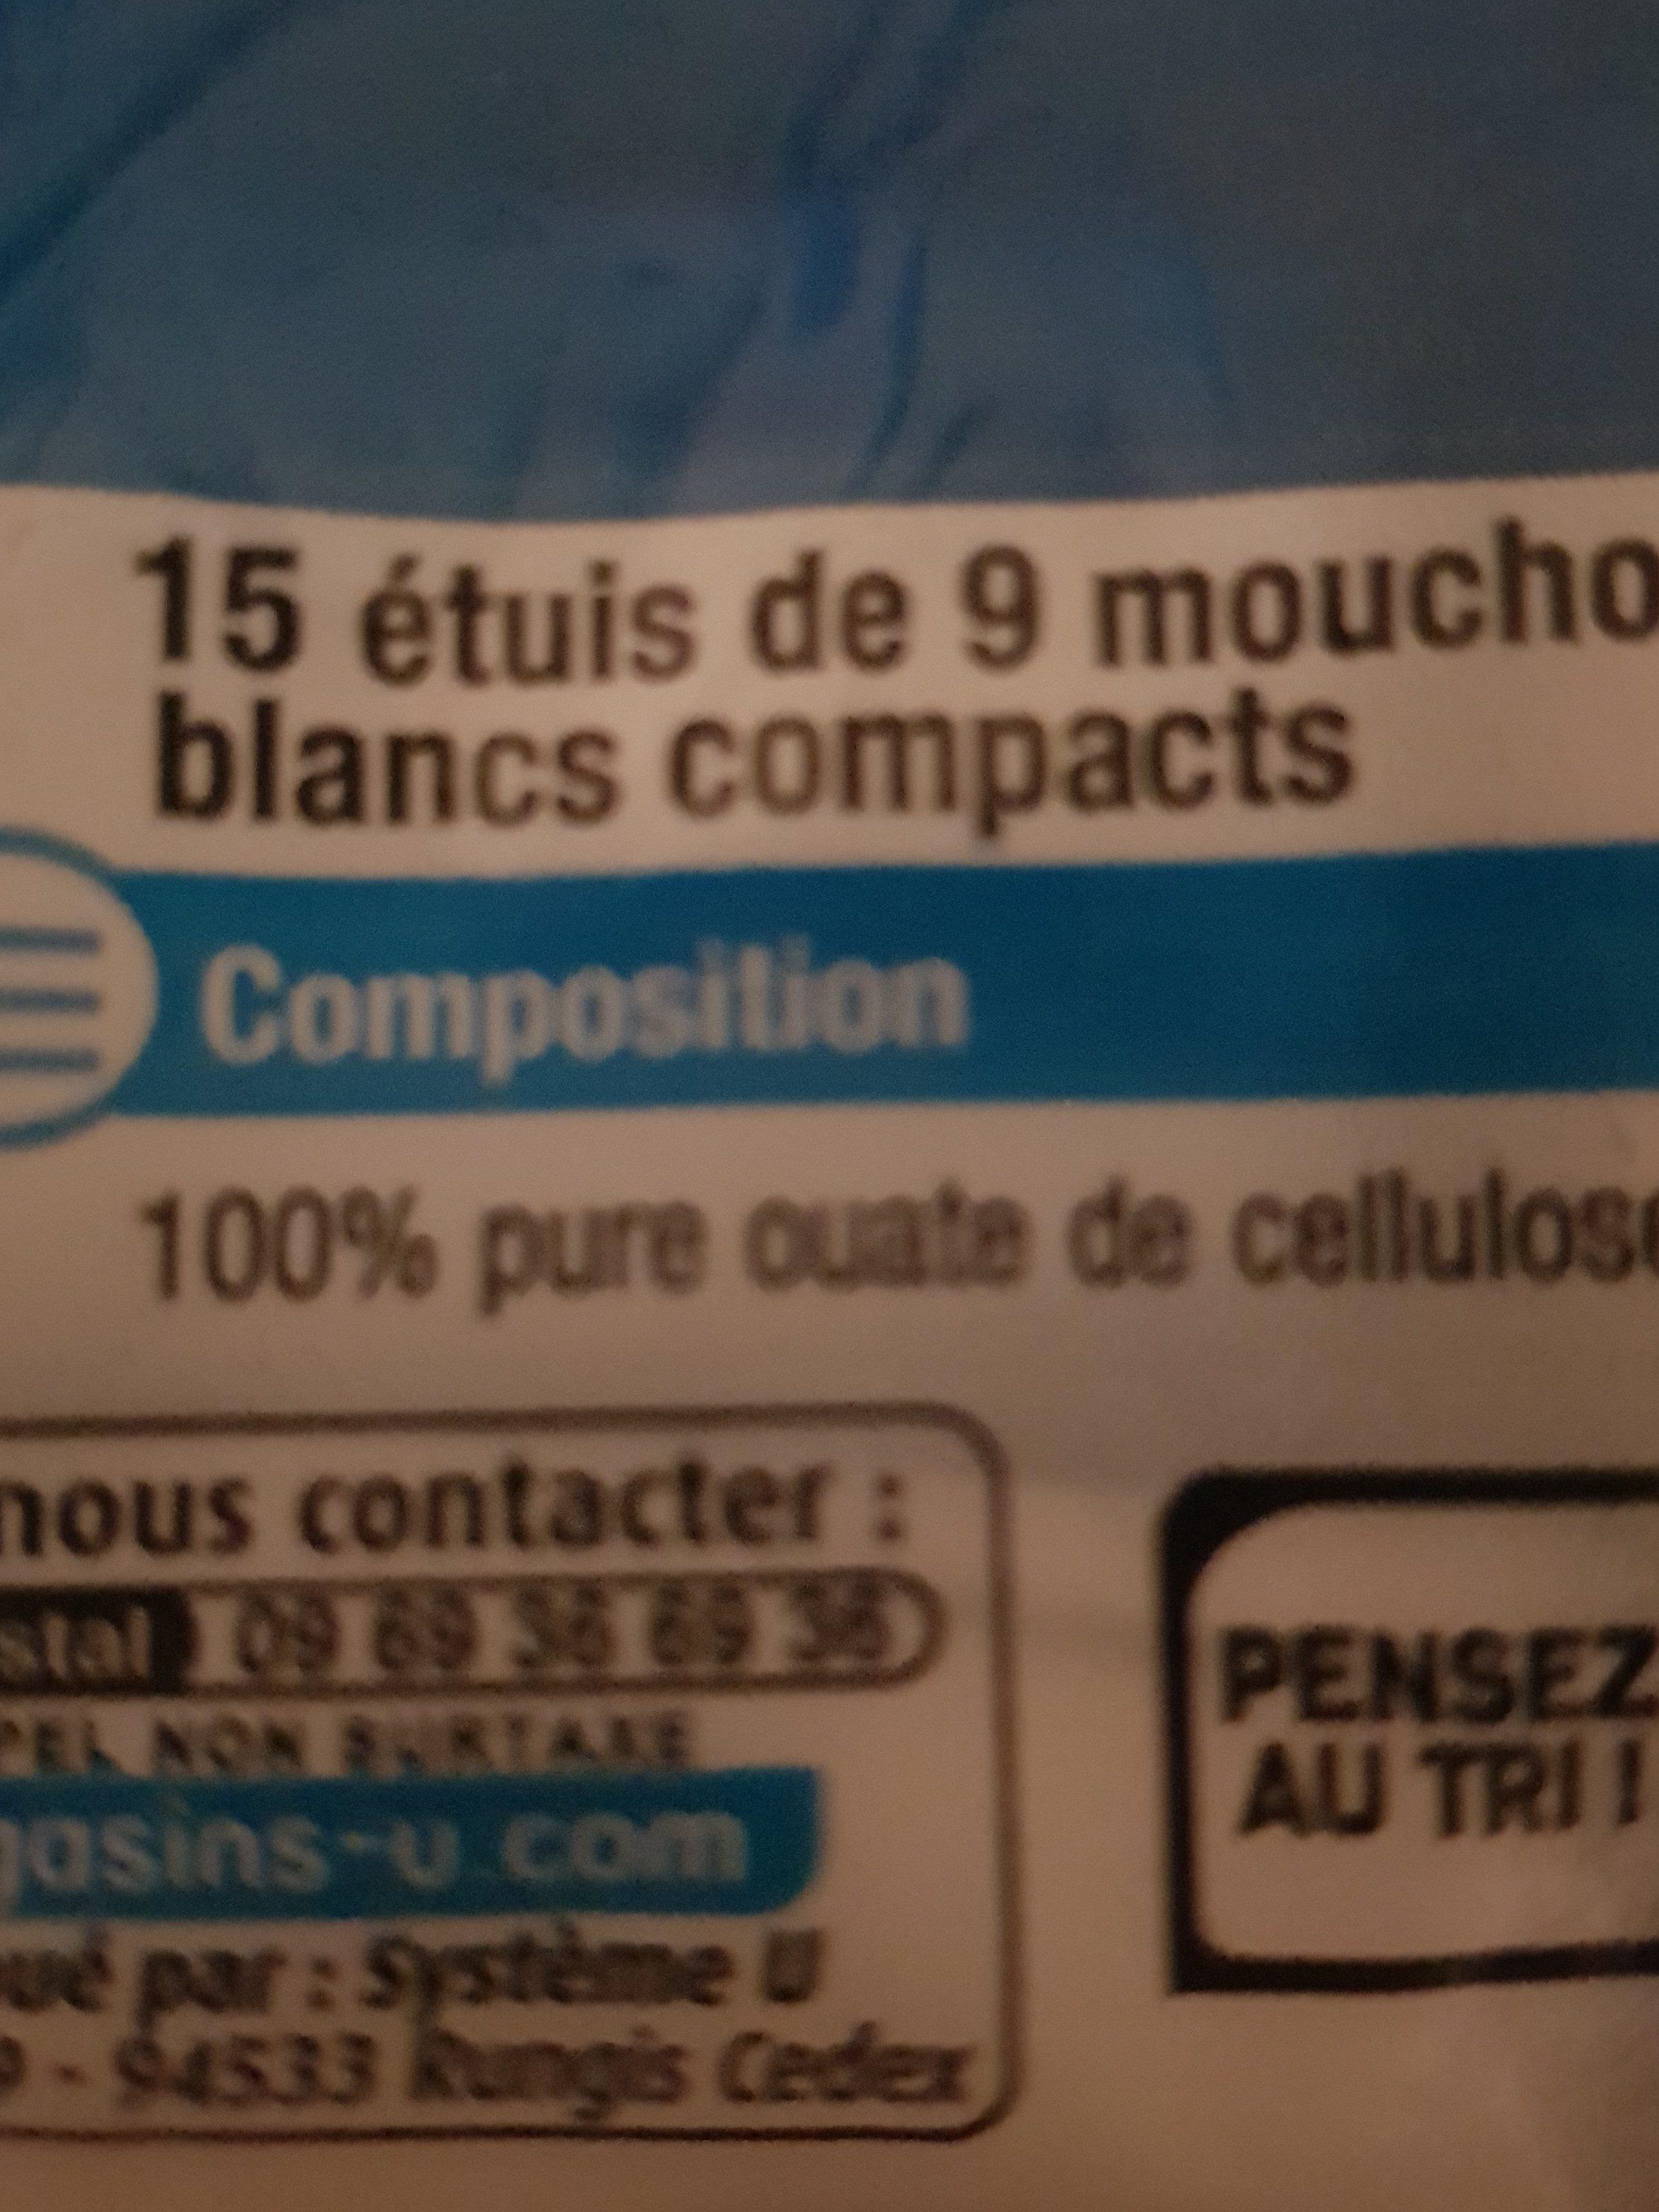 Mouchoirs U, 15 étuis Compacts De - Ingredients - fr